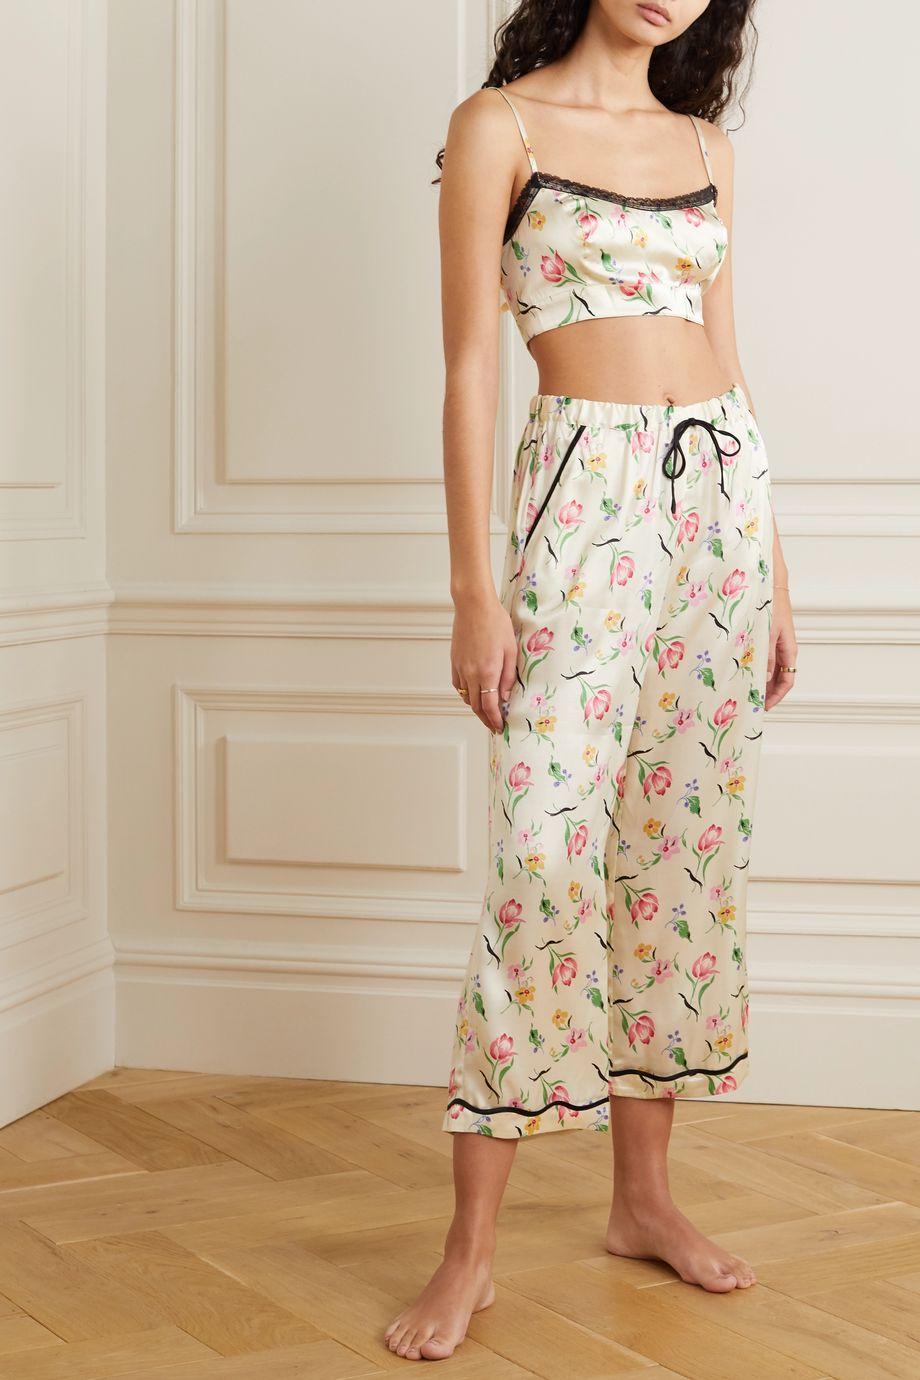 Morgan Lane Noelle Petal Pyjama aus Satin aus einer Seidenmischung mit Blumenprint